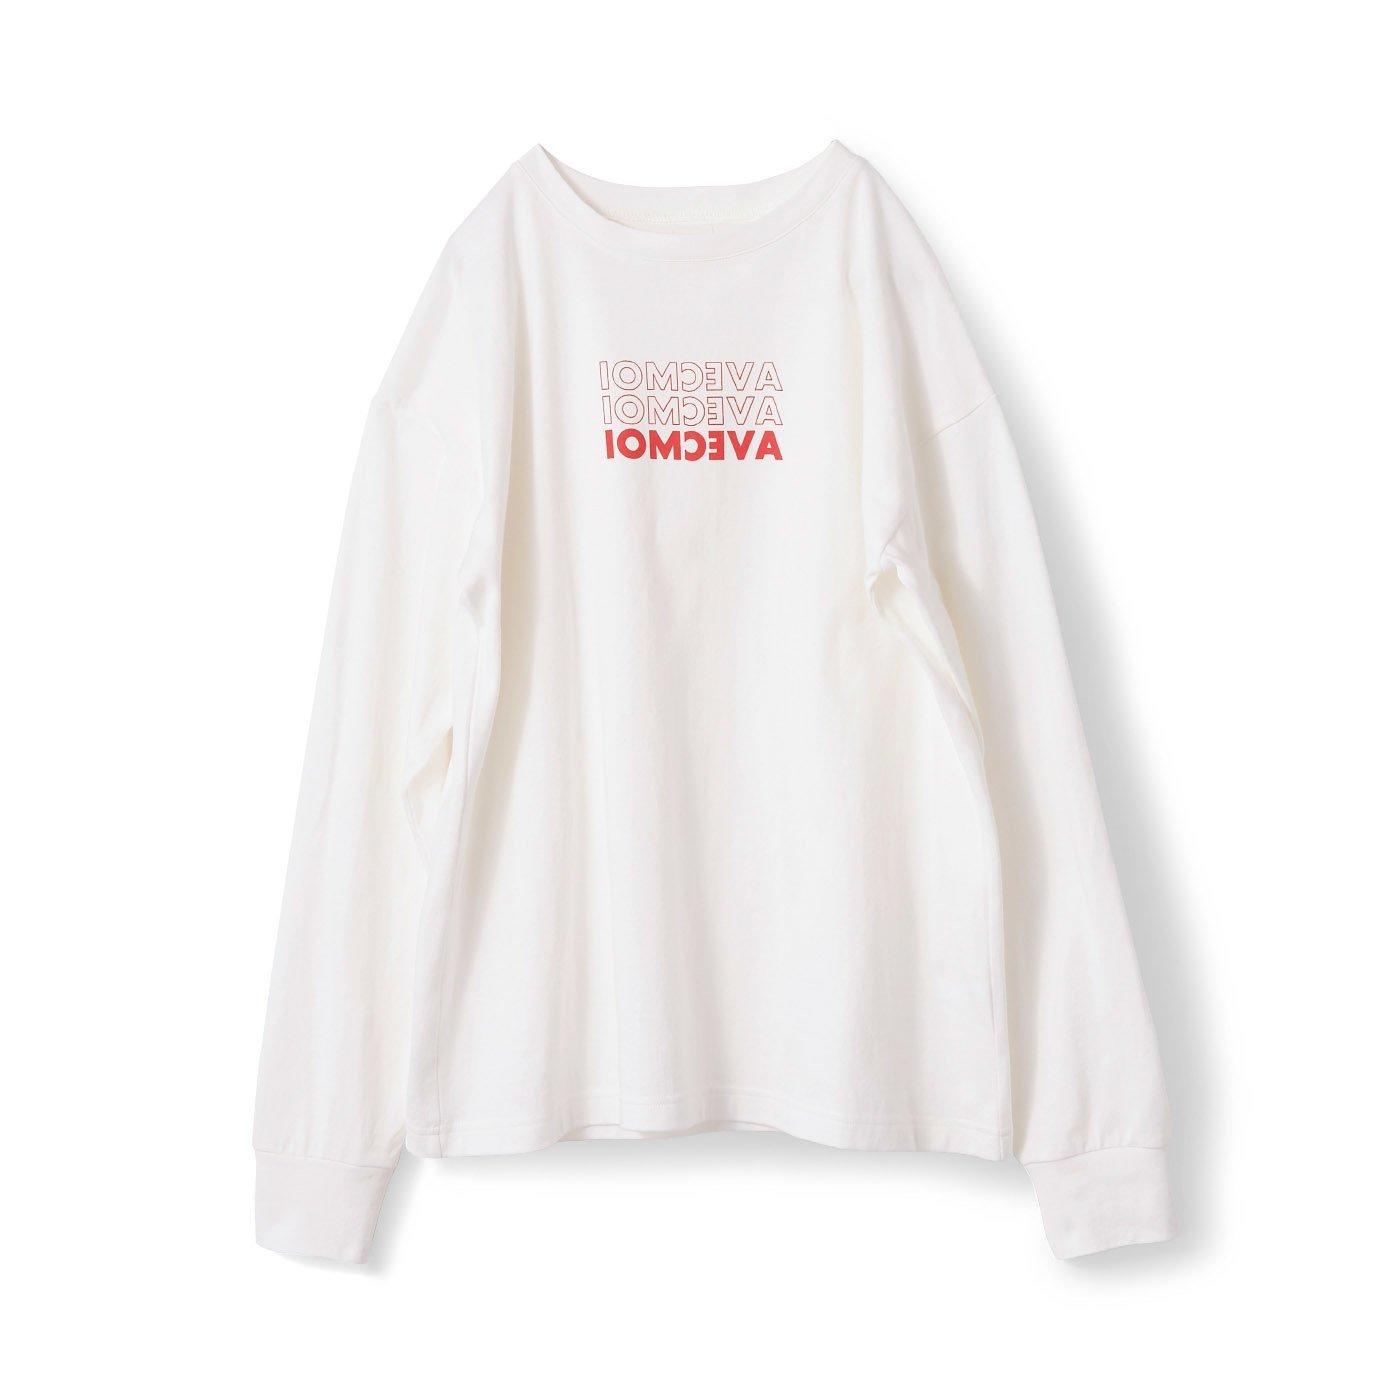 アヴェクモワ ロゴTシャツ〈白〉